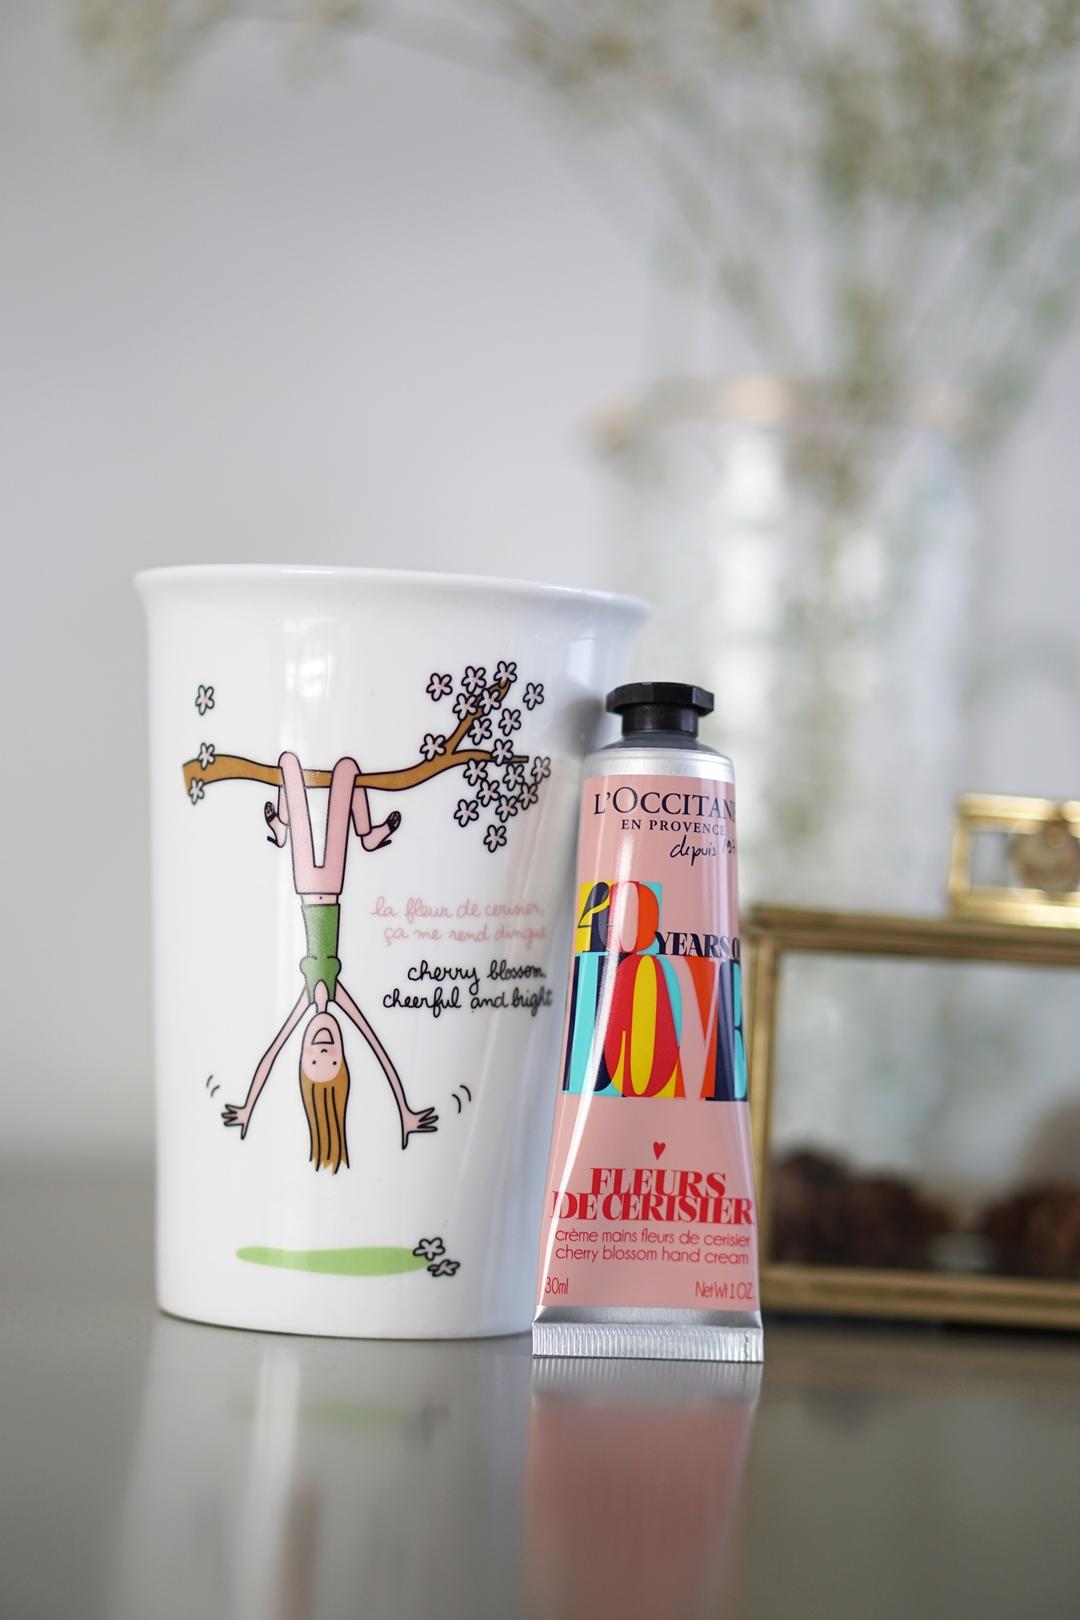 L'Occitane Fleurs de Cerisier, hand cream actie!